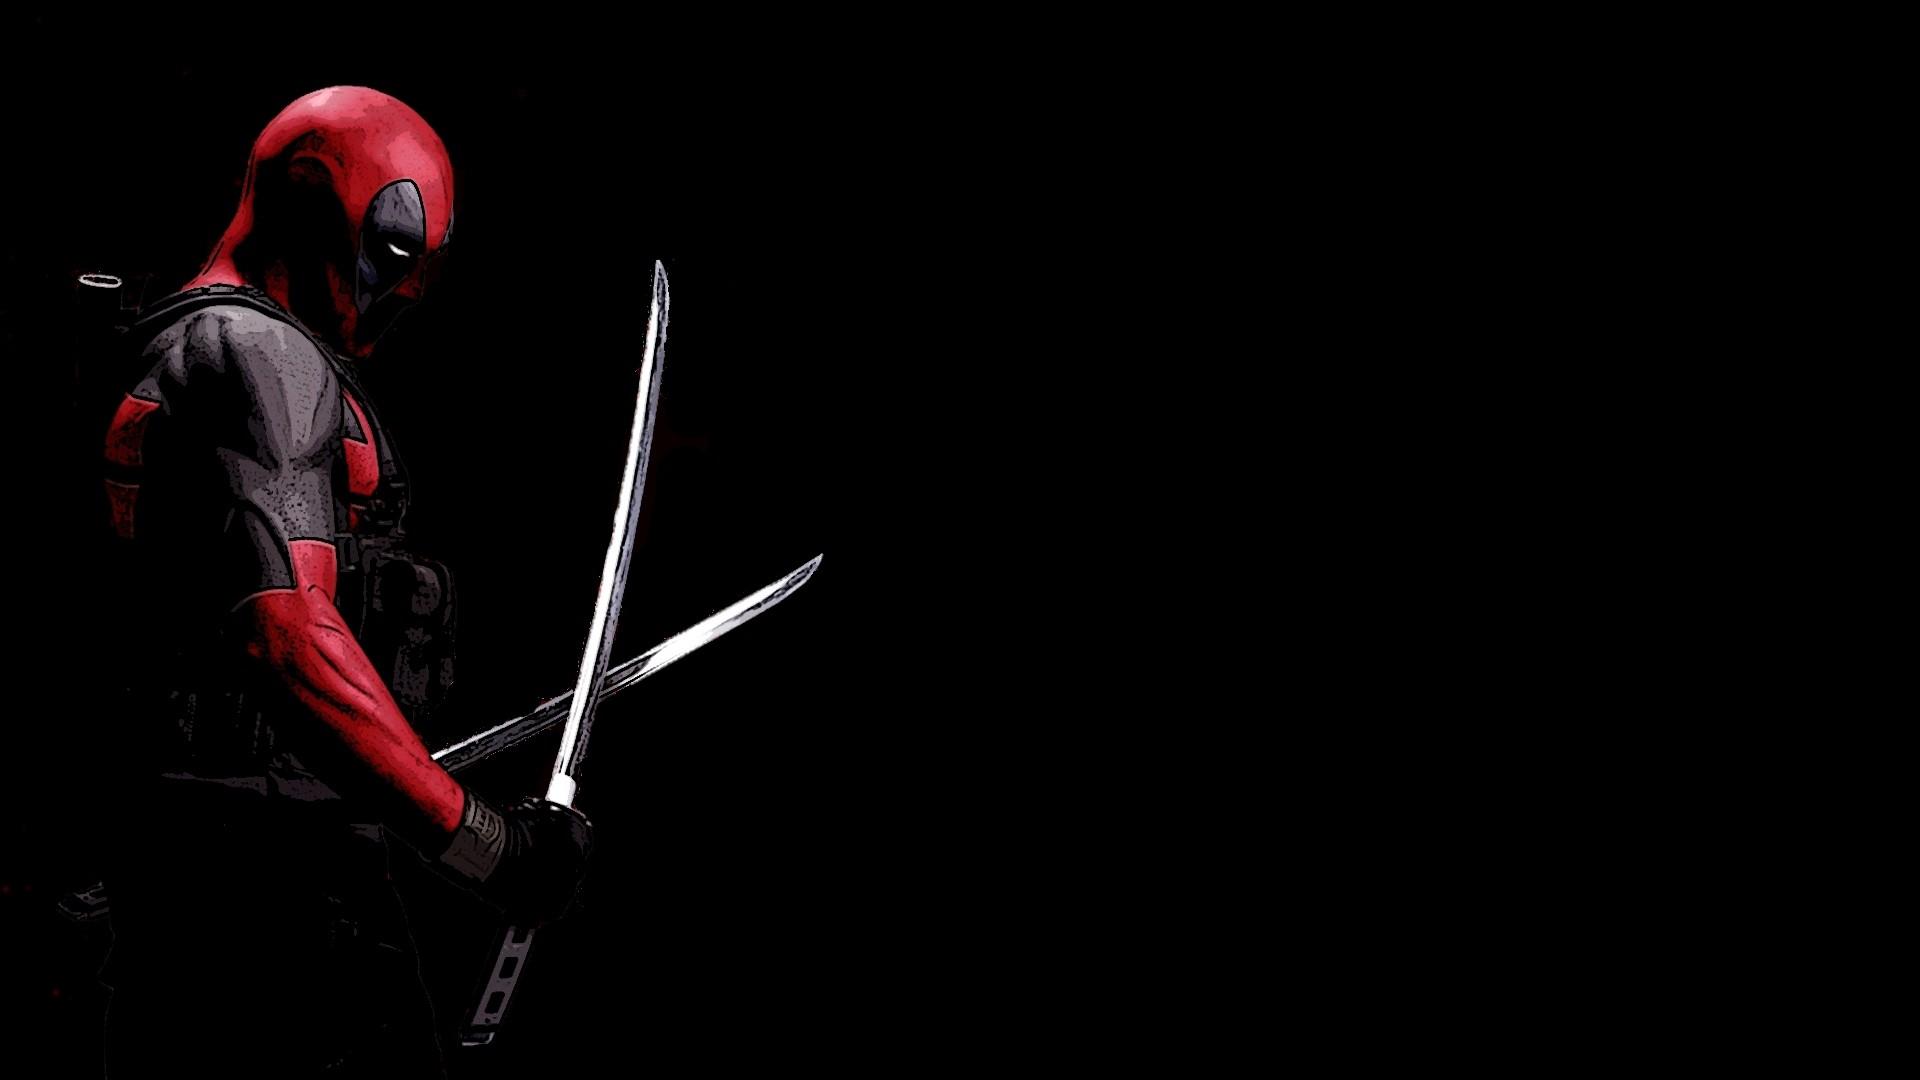 Marvel Deadpool Movie wallpaper | Desktop Wallpapers | Pinterest | Marvel  deadpool movie, Deadpool movie wallpaper and Deadpool movie